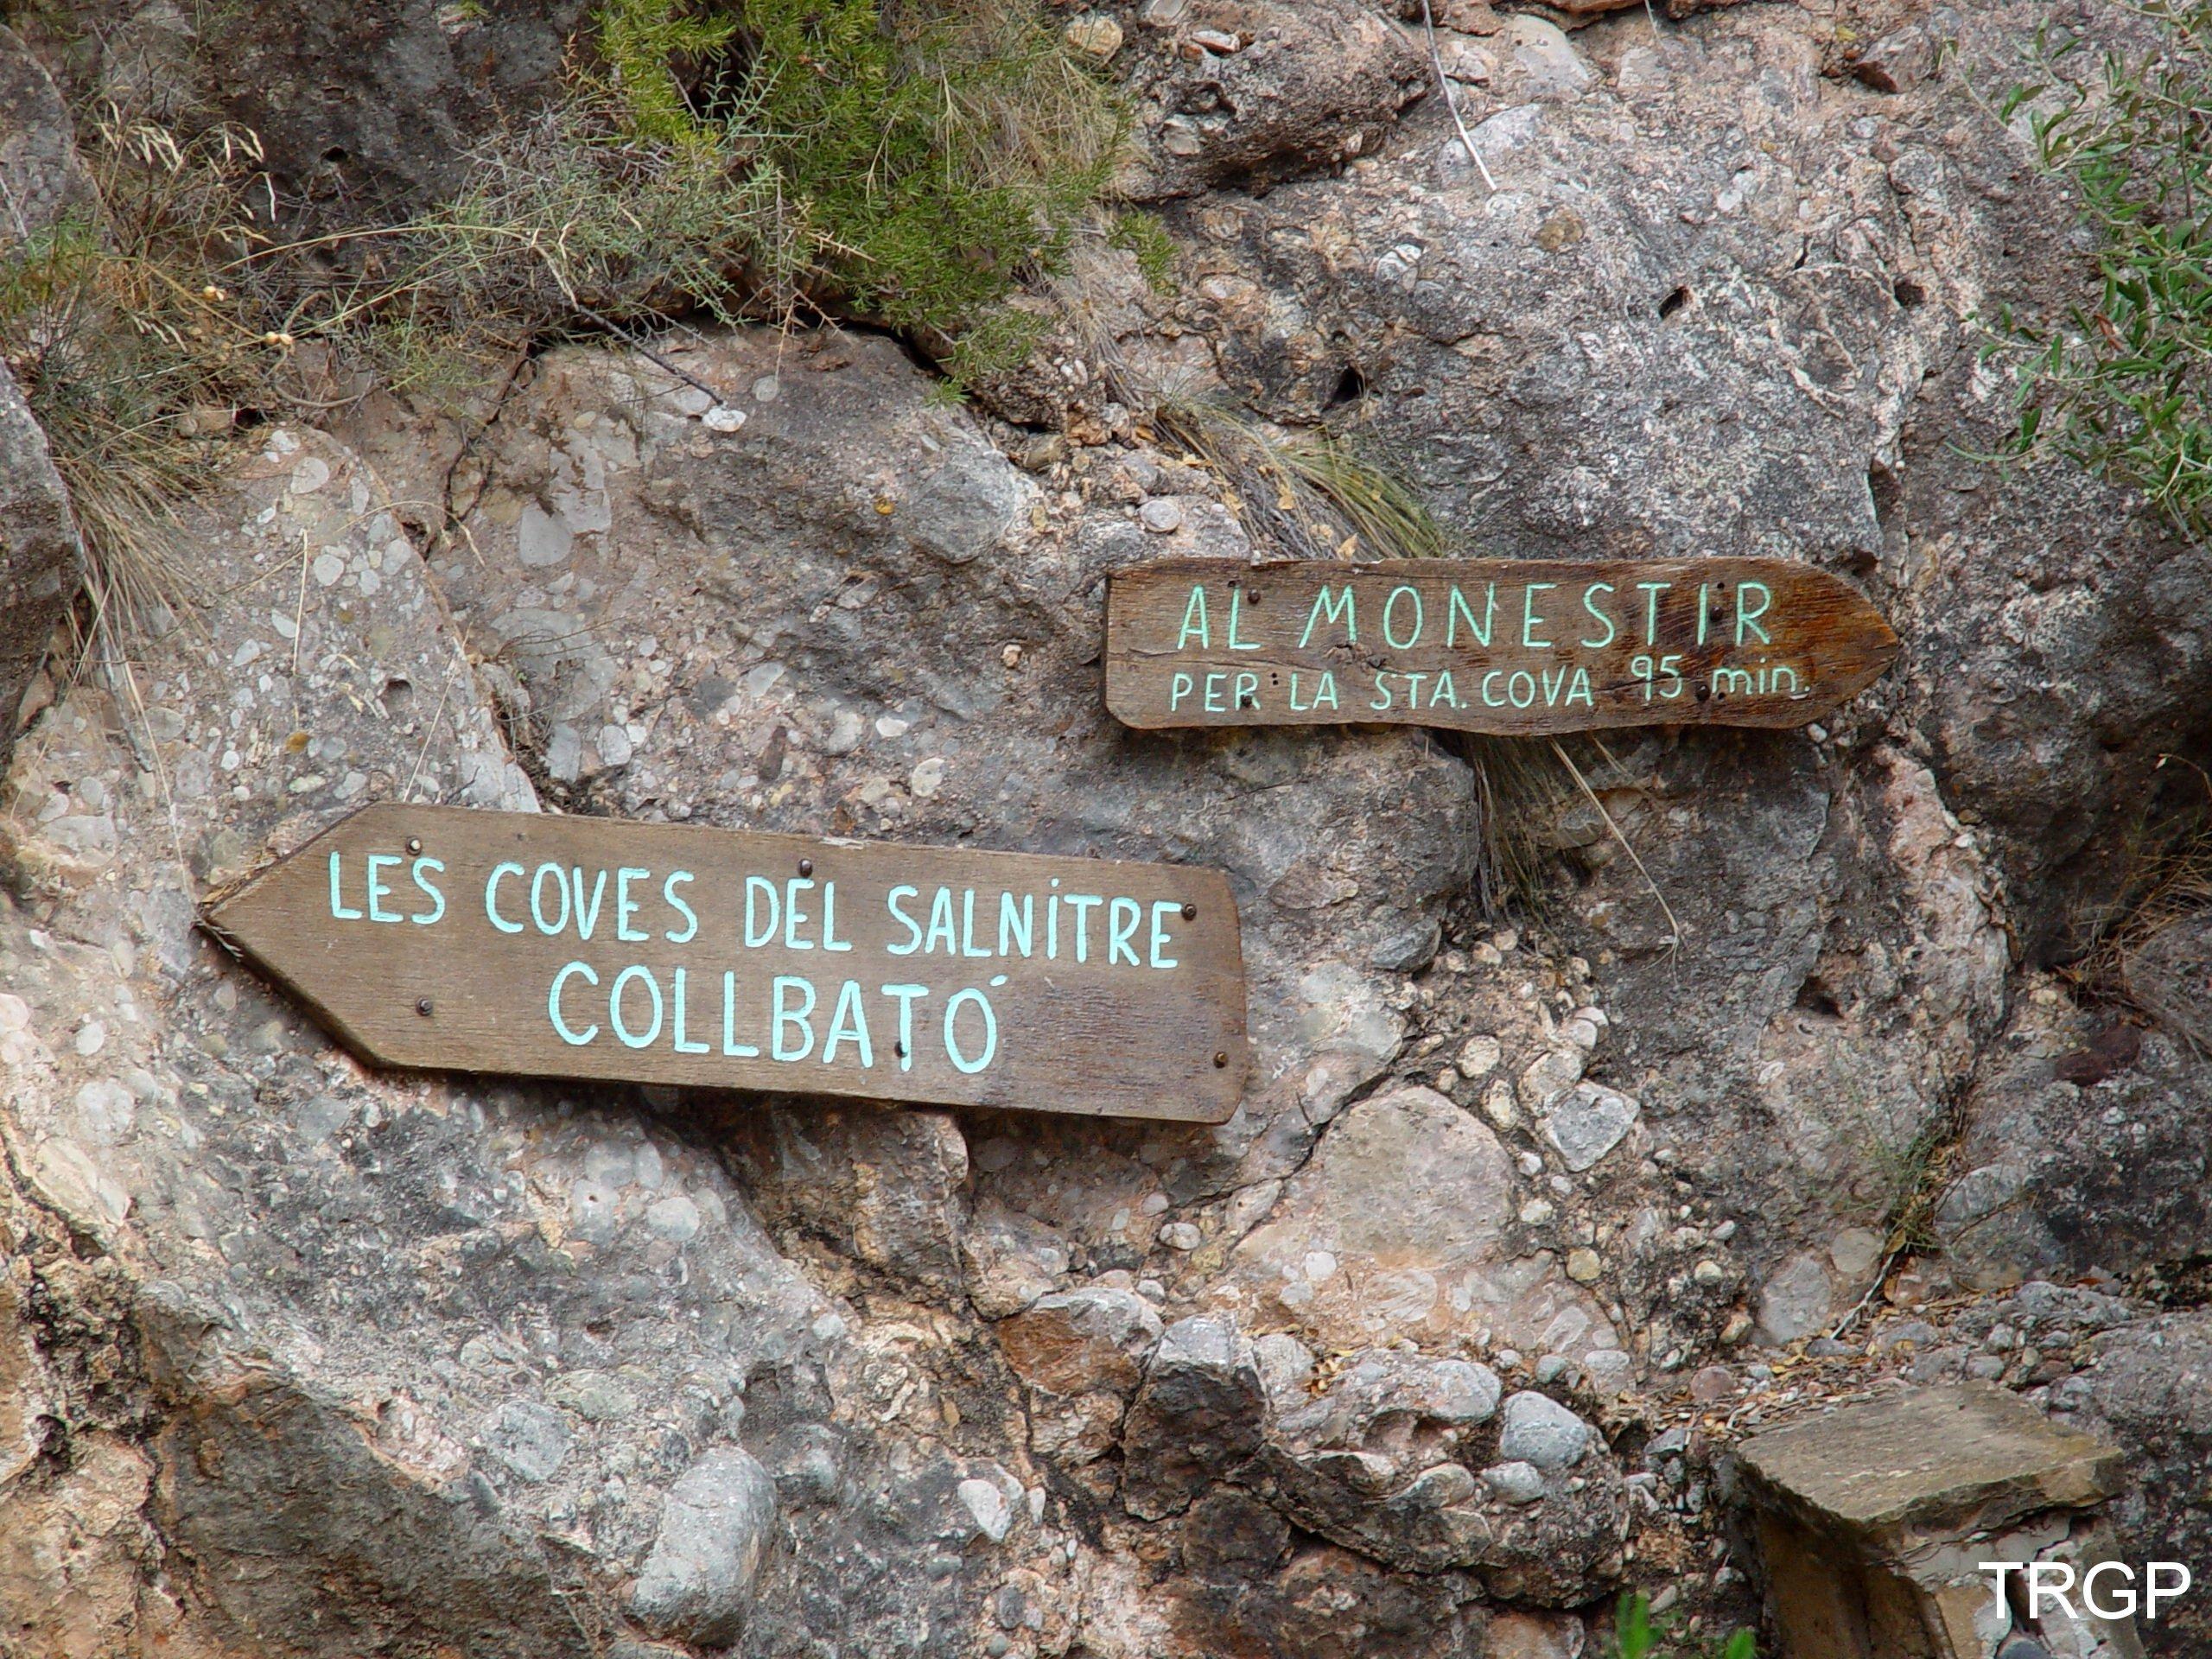 Coves Salnitre Collbató